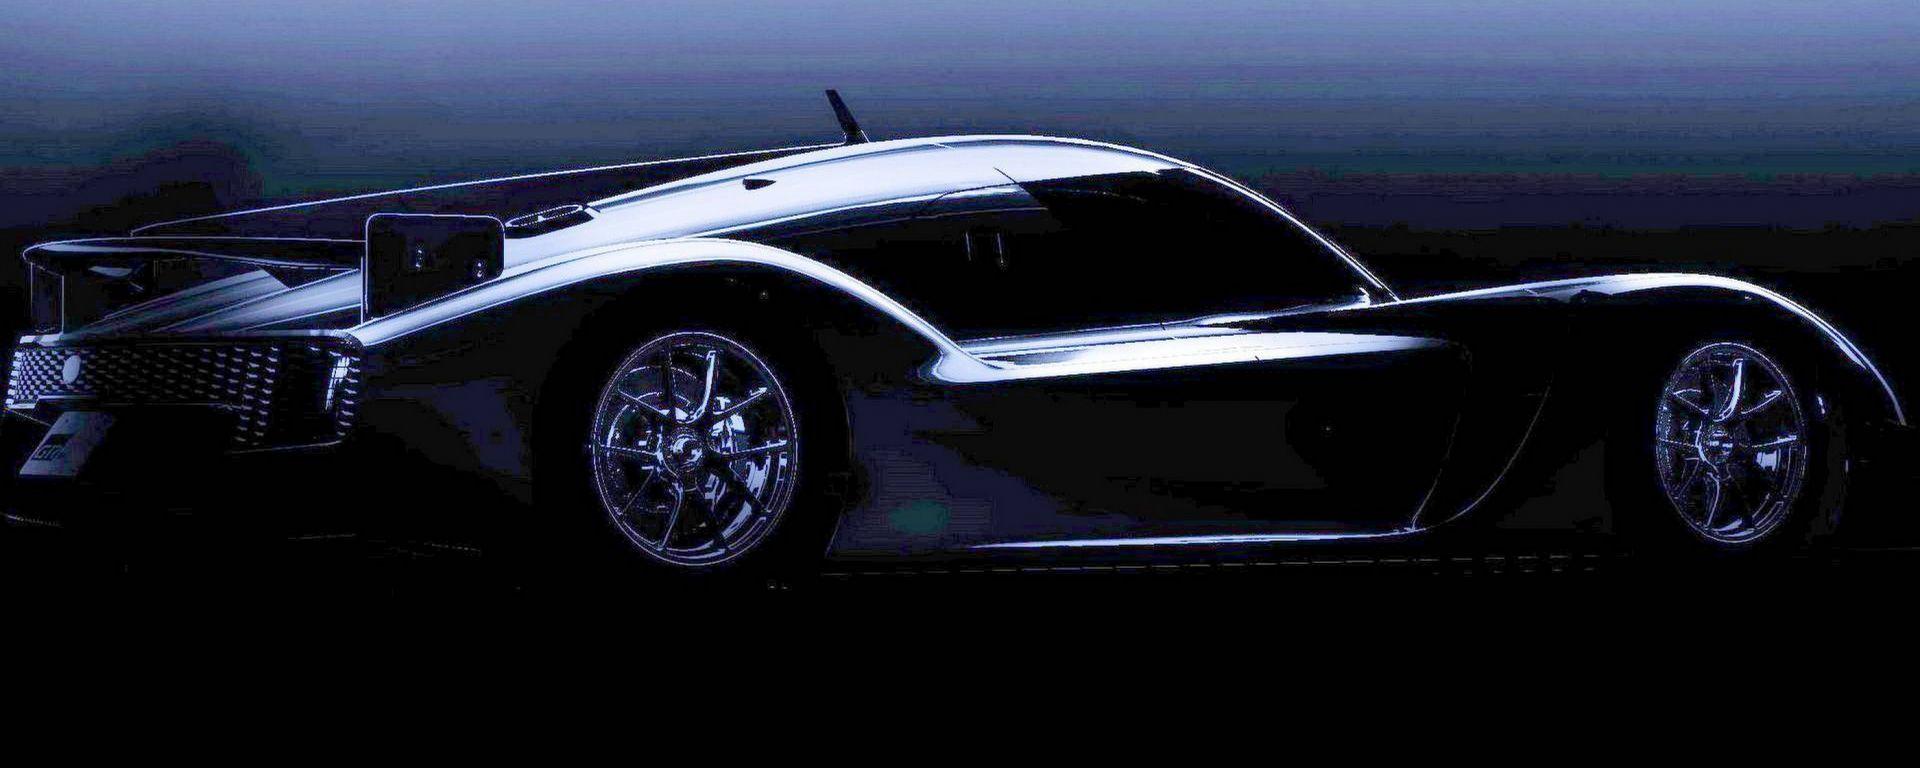 Toyota GR Super Sport Concept: i bozzetti della supercar